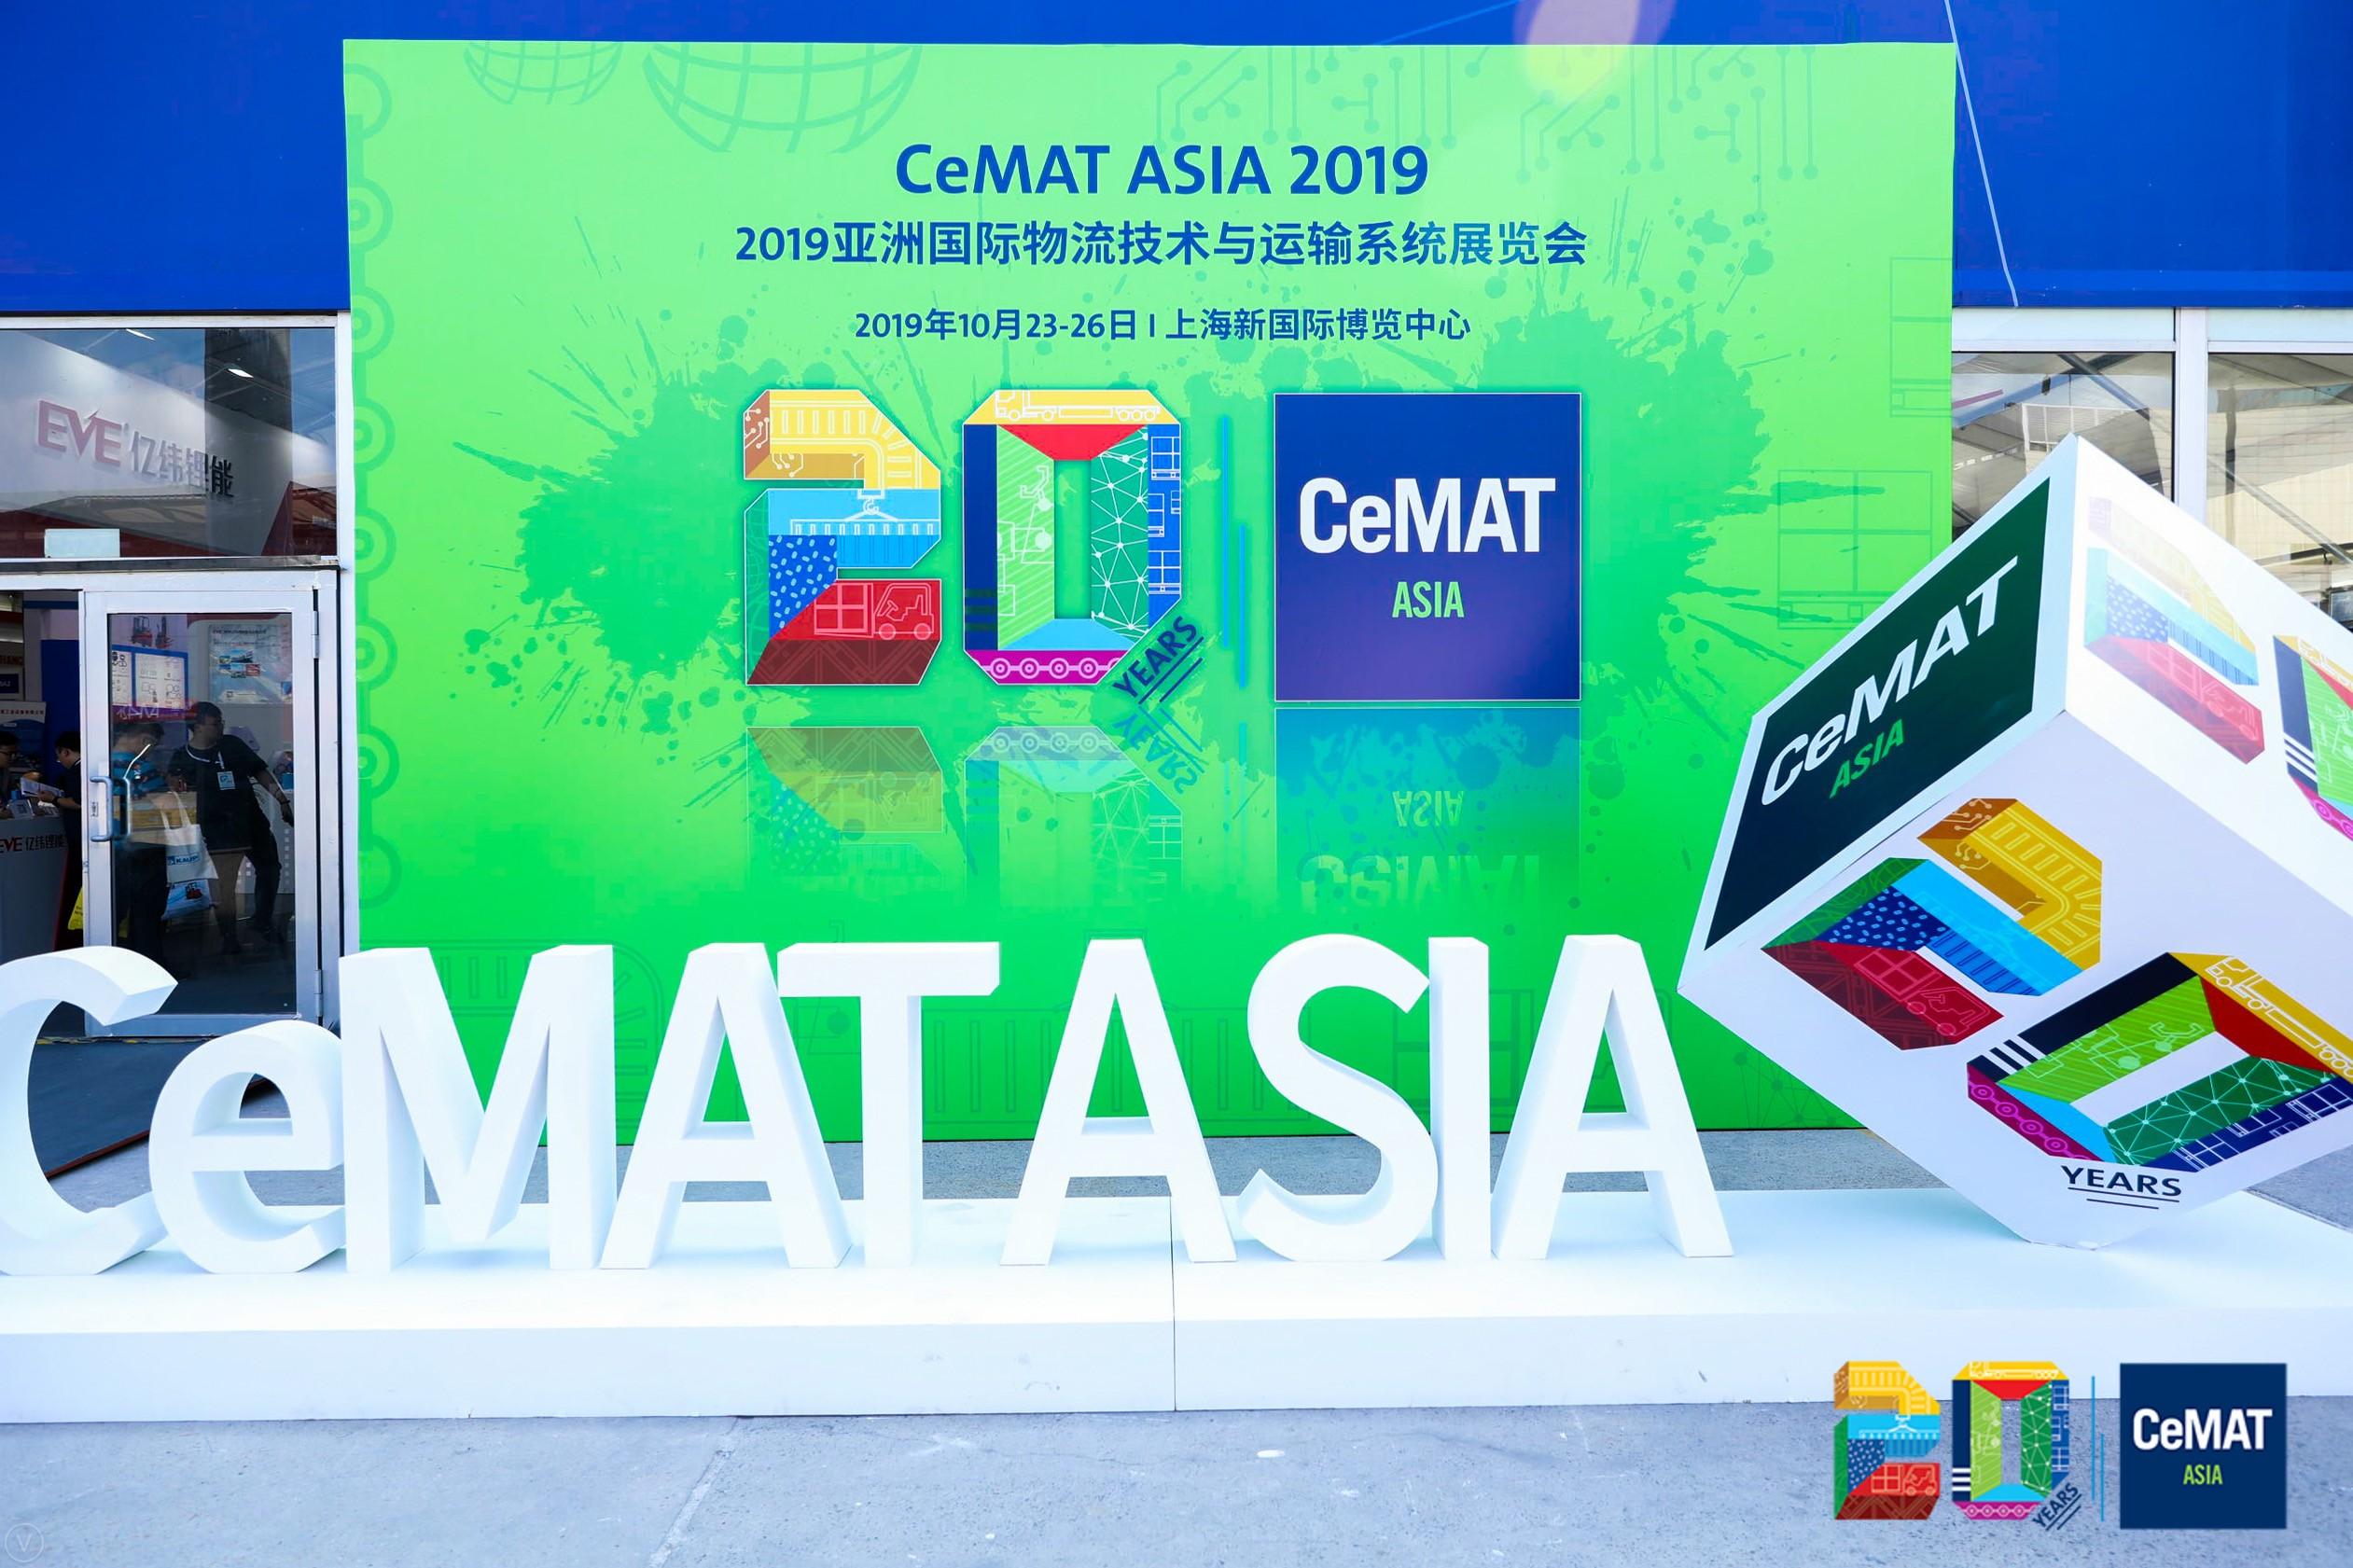 CeMAT ASIA 2019